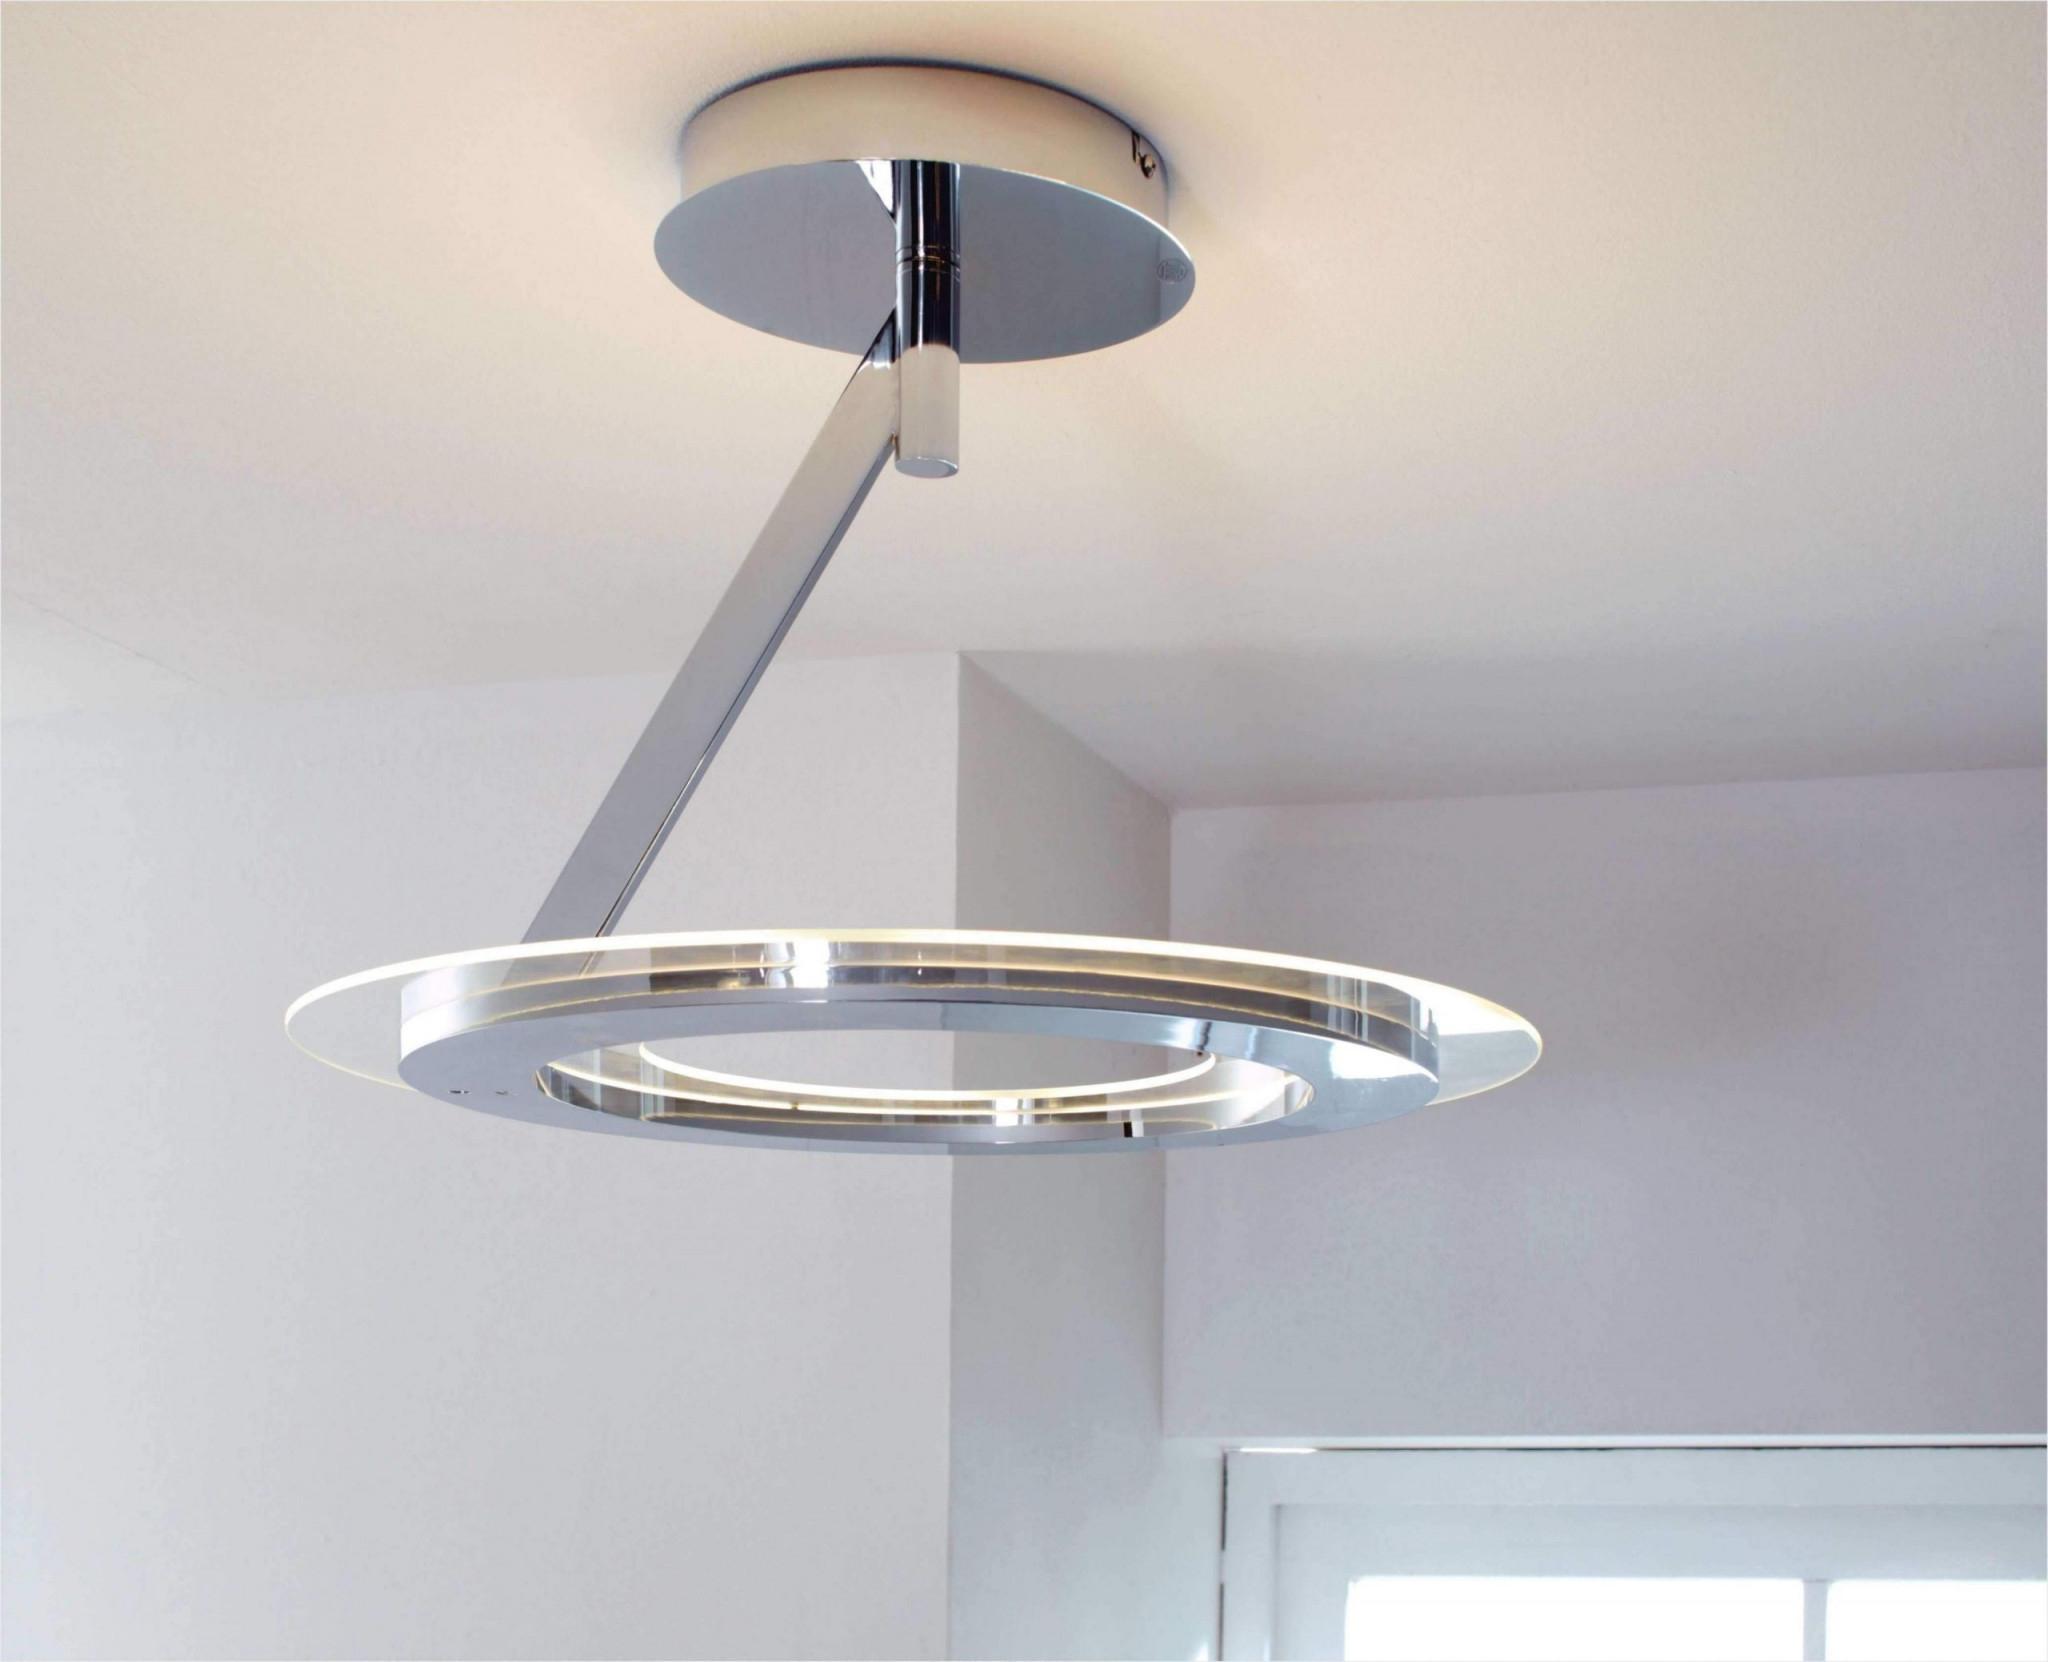 29 Genial Wohnzimmer Deckenleuchte Led Reizend  Wohnzimmer von Led Wohnzimmer Deckenlampe Photo